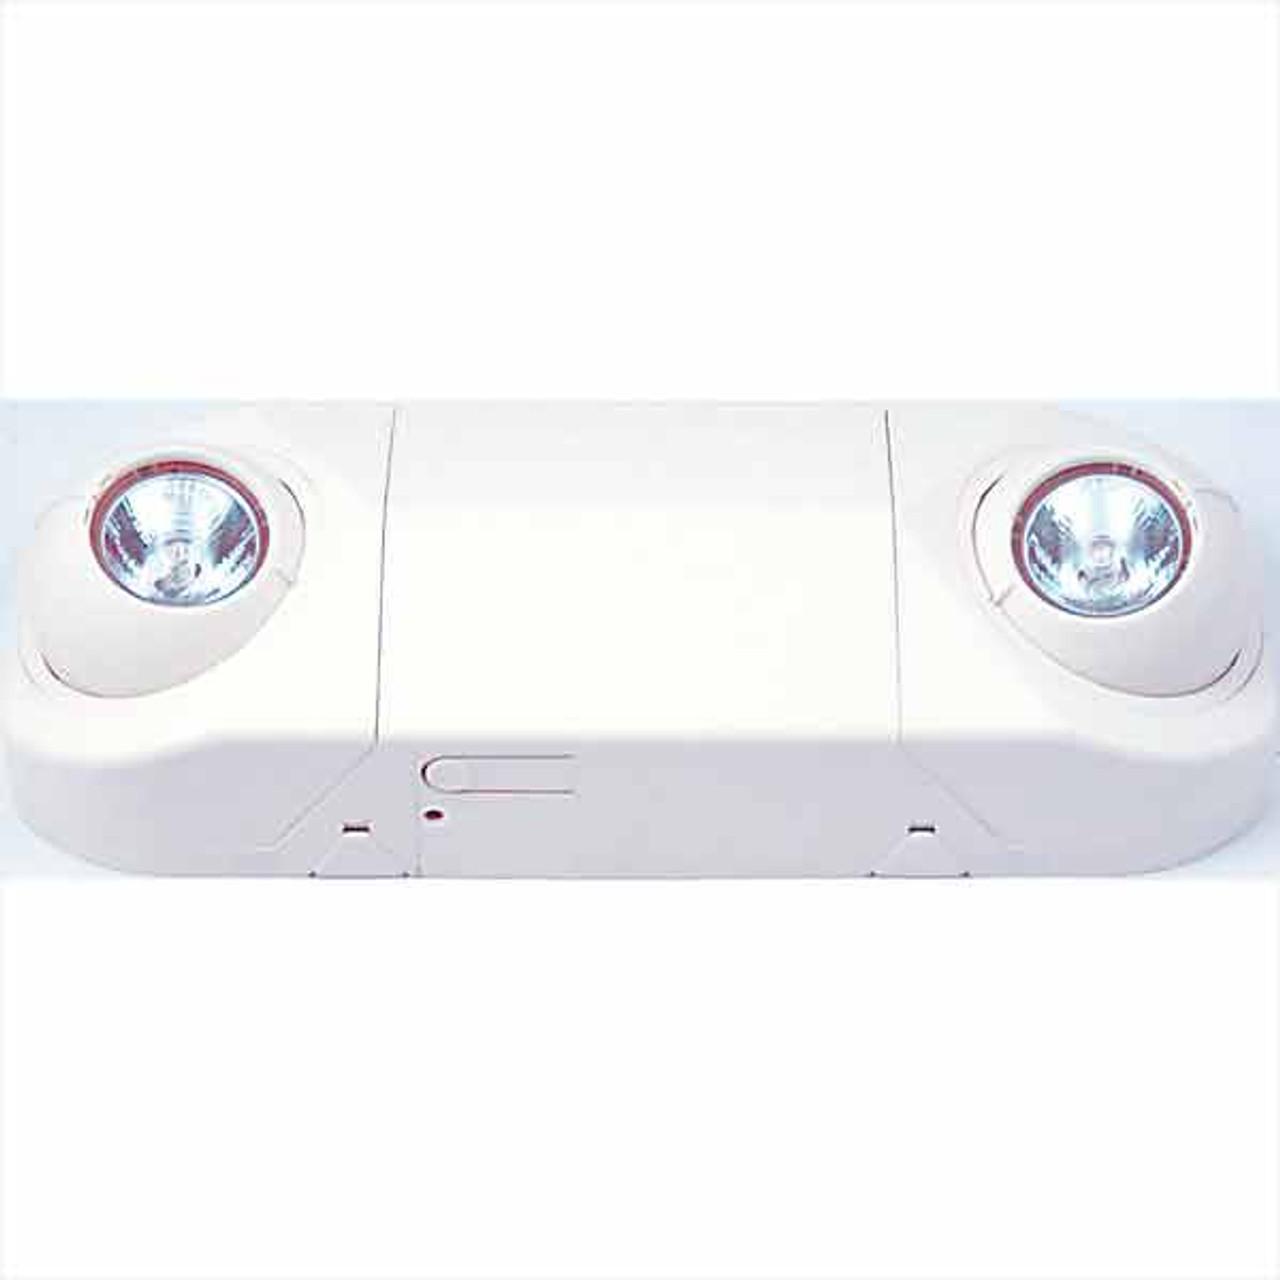 2 Head MR-16 Low Profile Halogen White Emergency Light